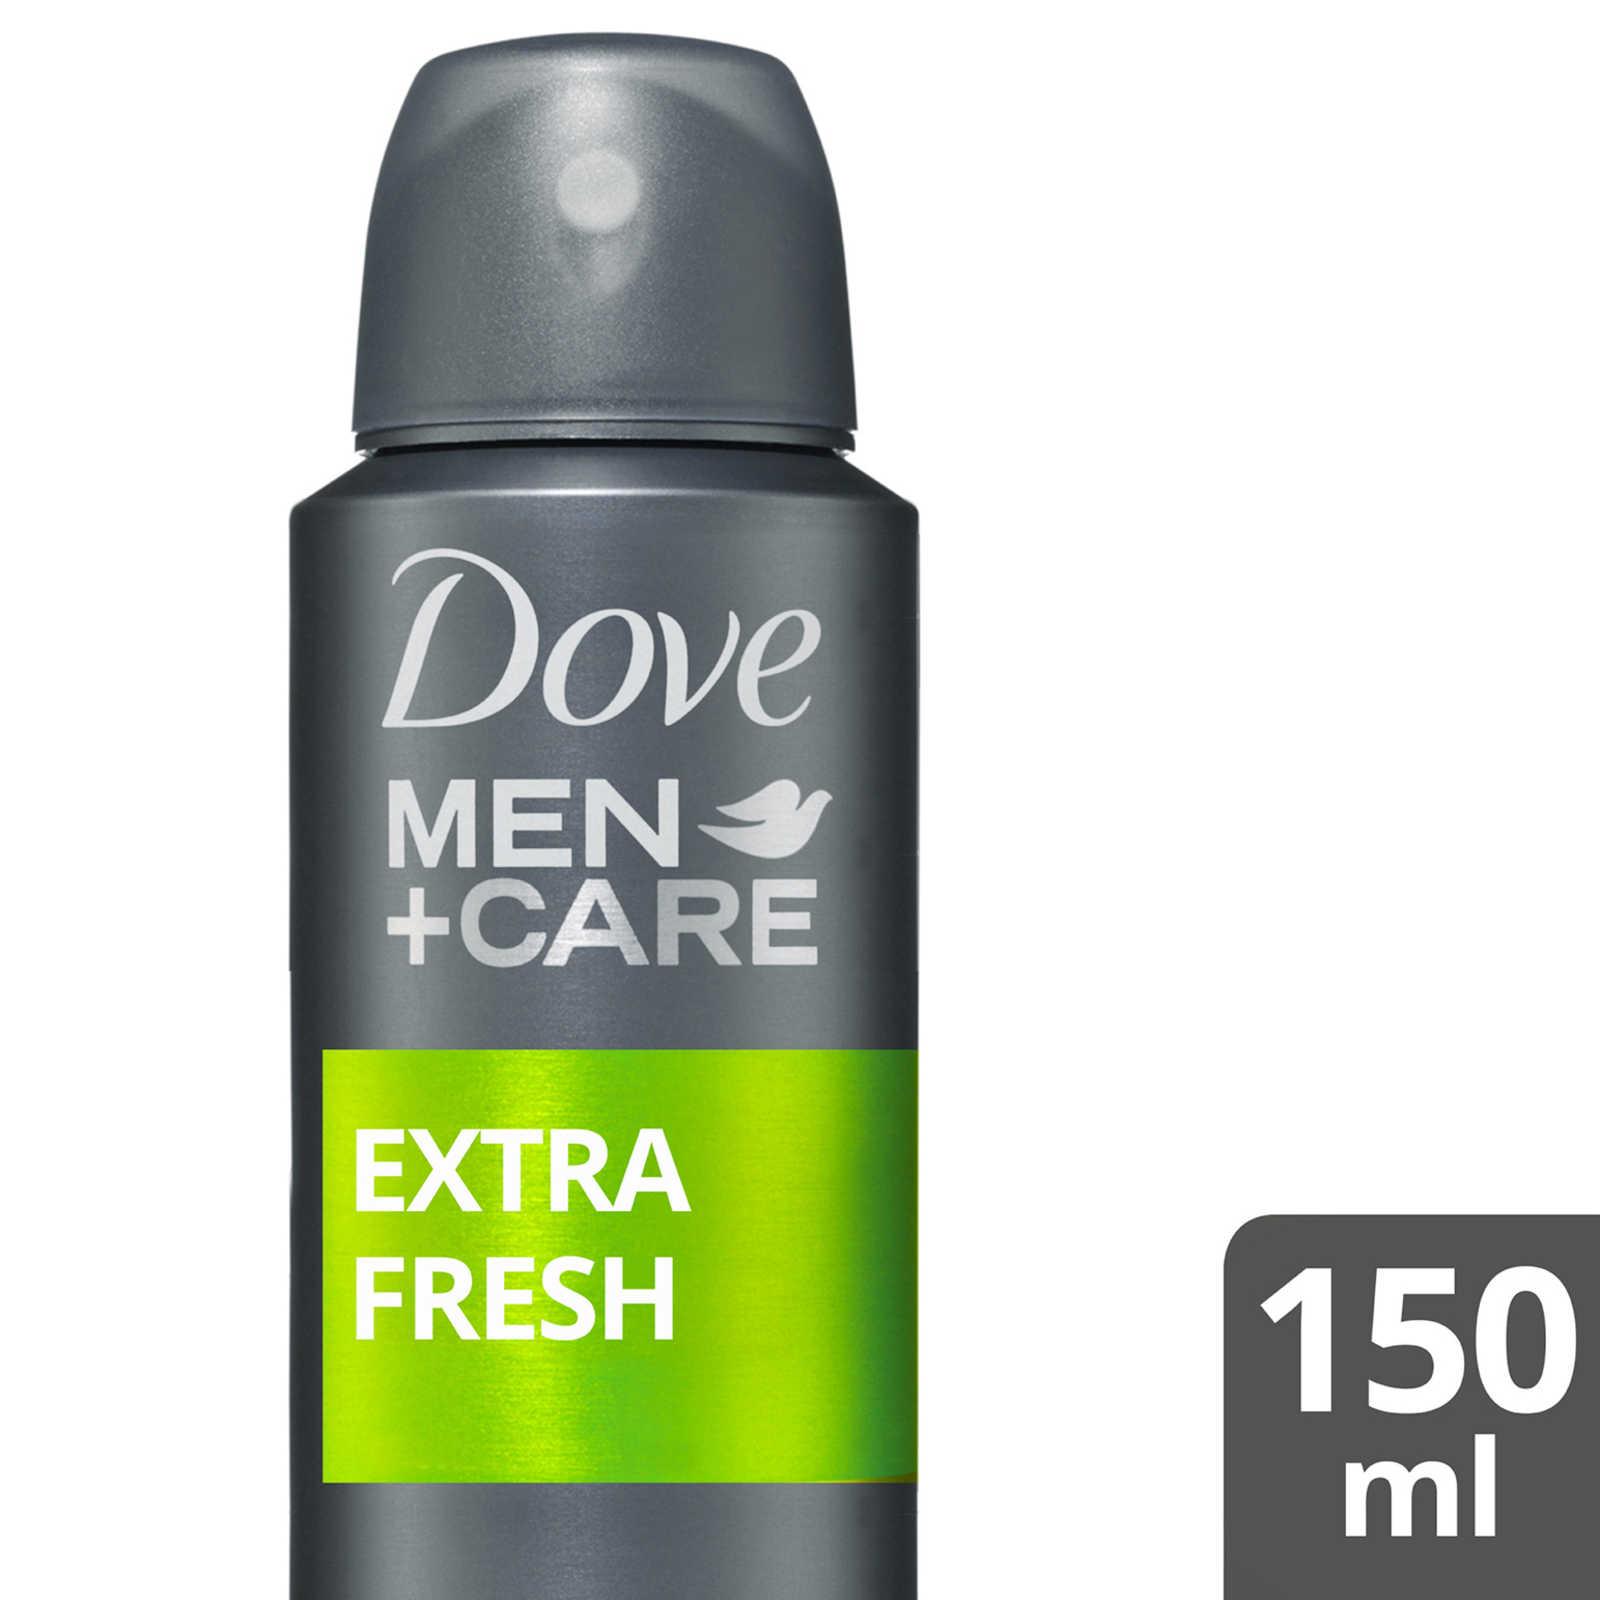 Dove-Men + Care